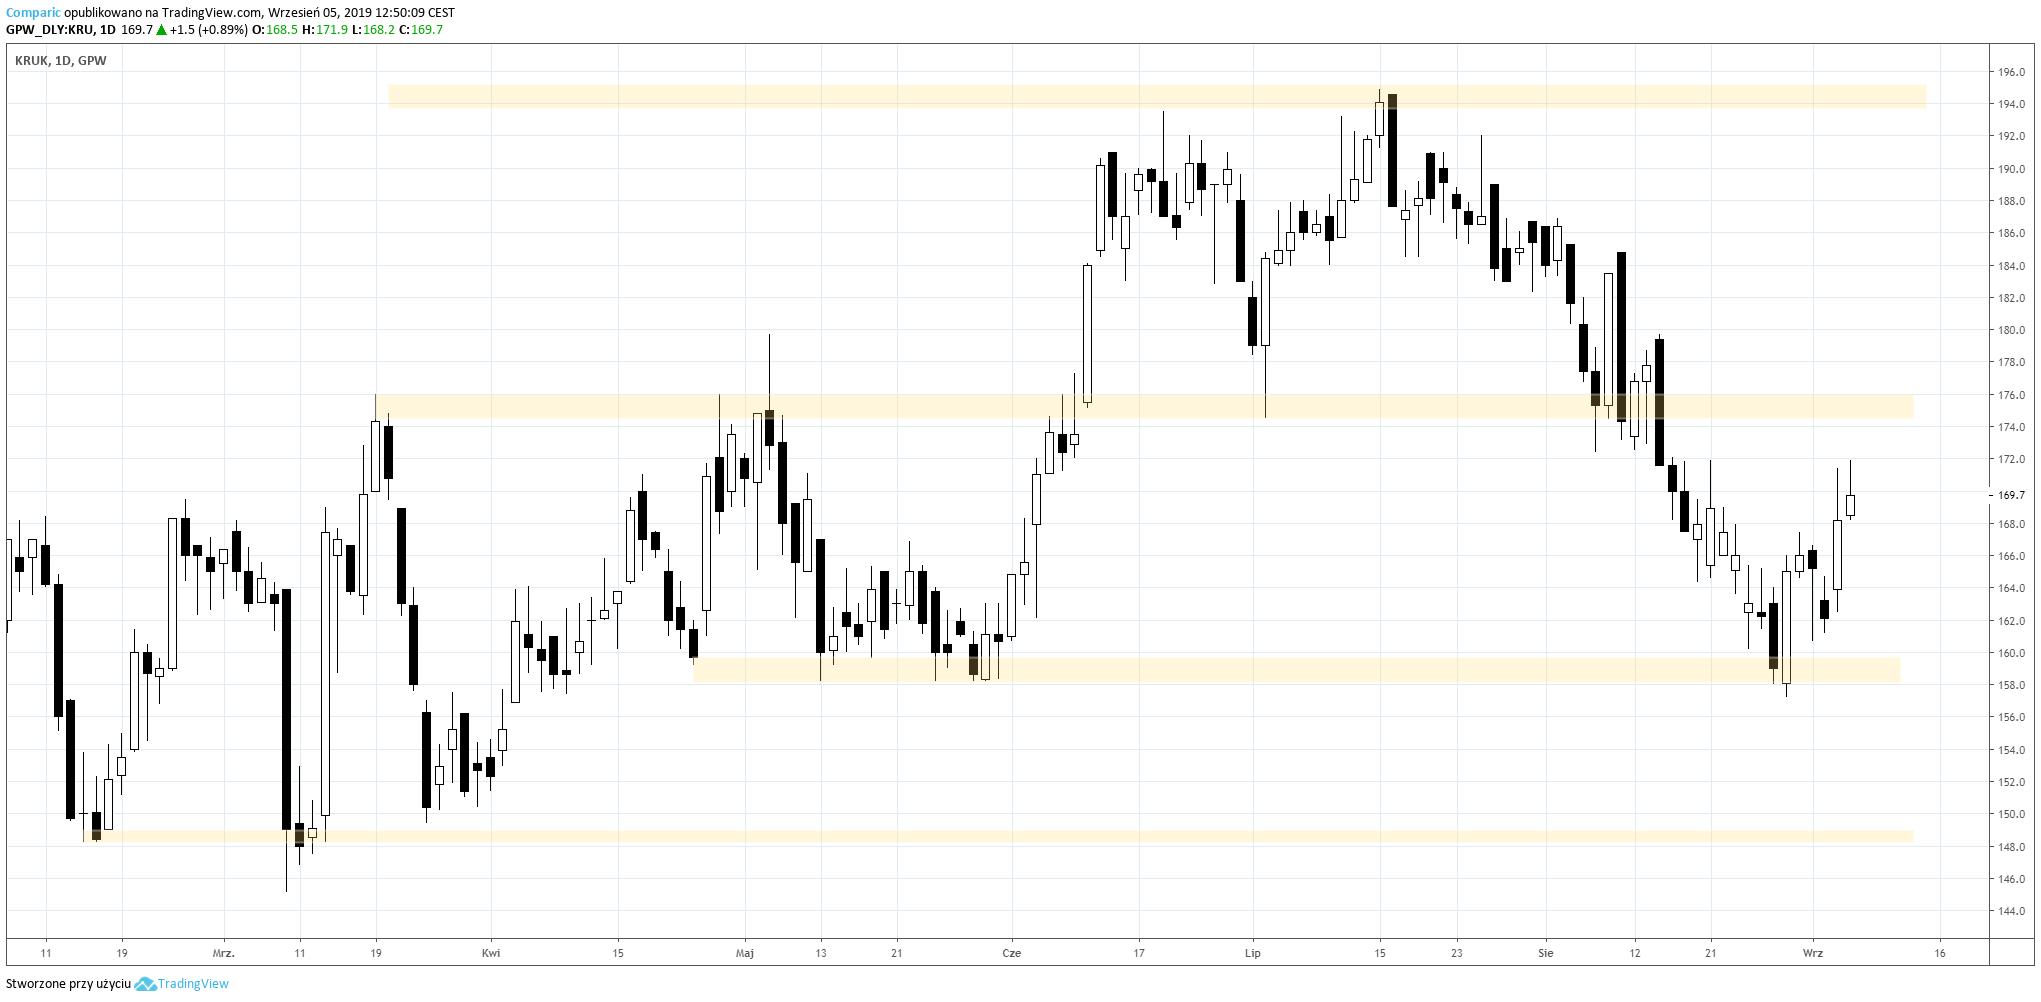 Akcje Kruk na wykresie dziennym. Źródło: TradingView